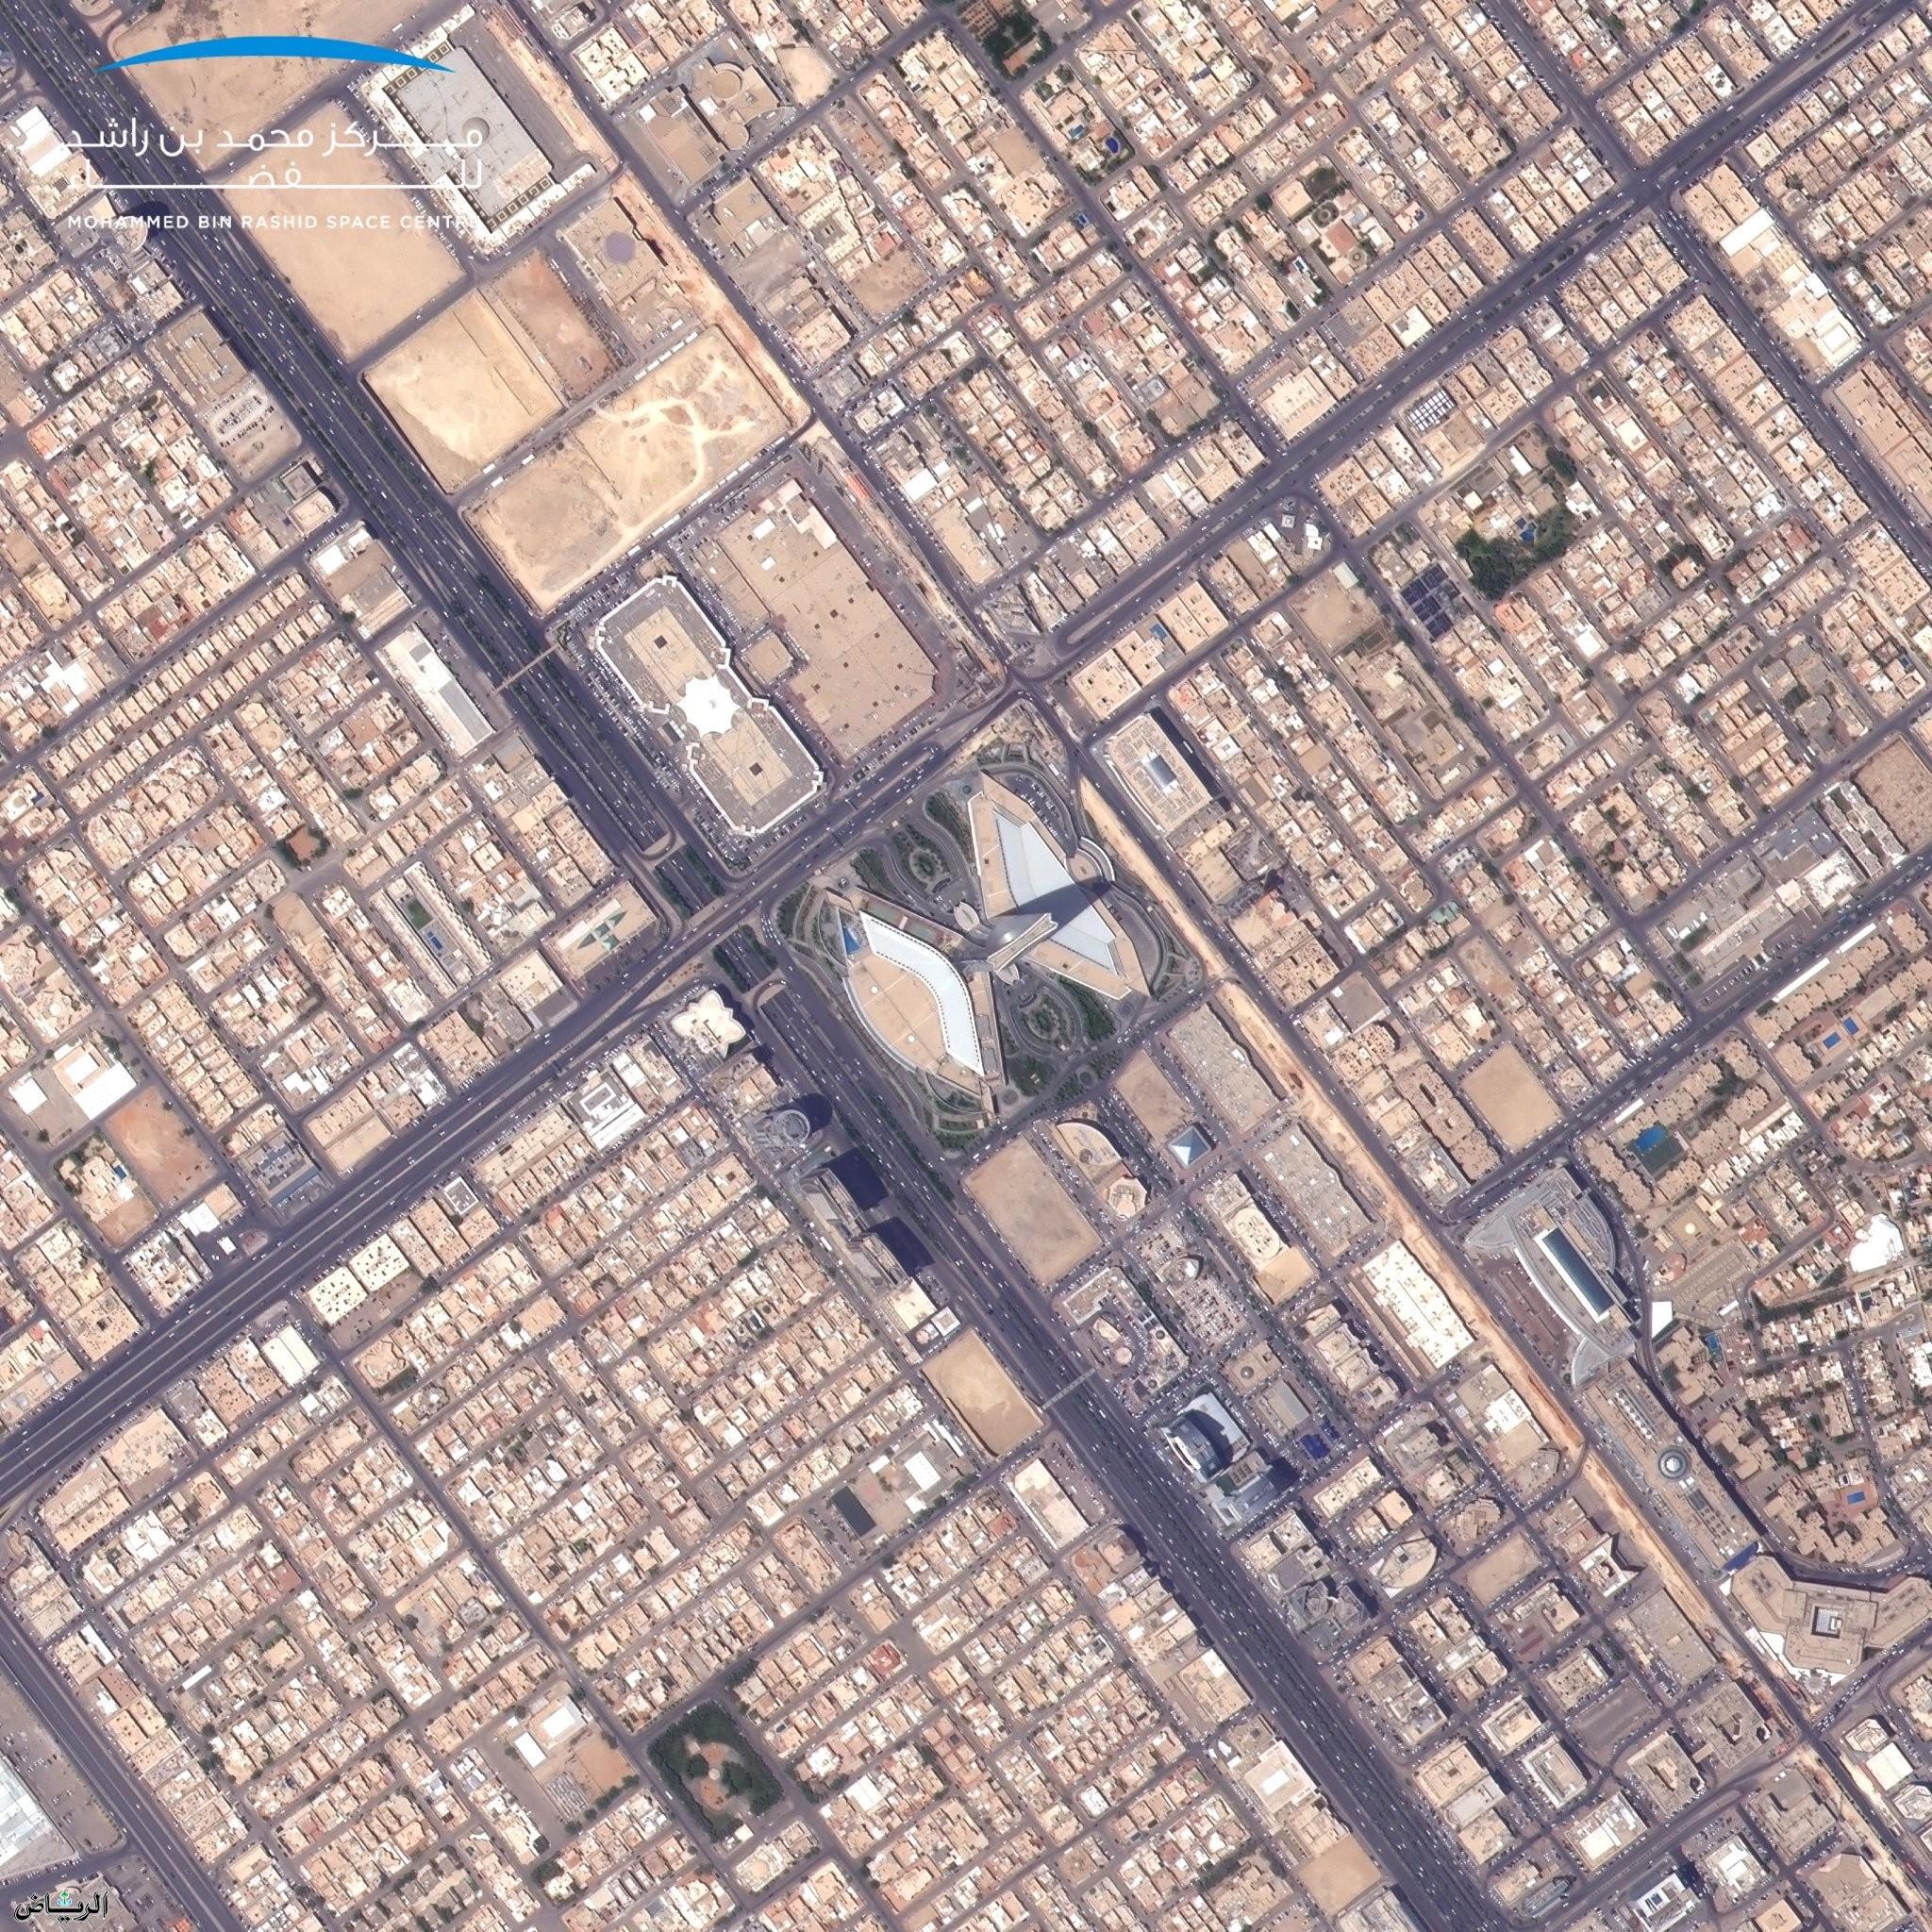 Искусственный спутник ОАЭ «Халифа-сат» поспешествовал народу Саудии в церемонии Дня отечества